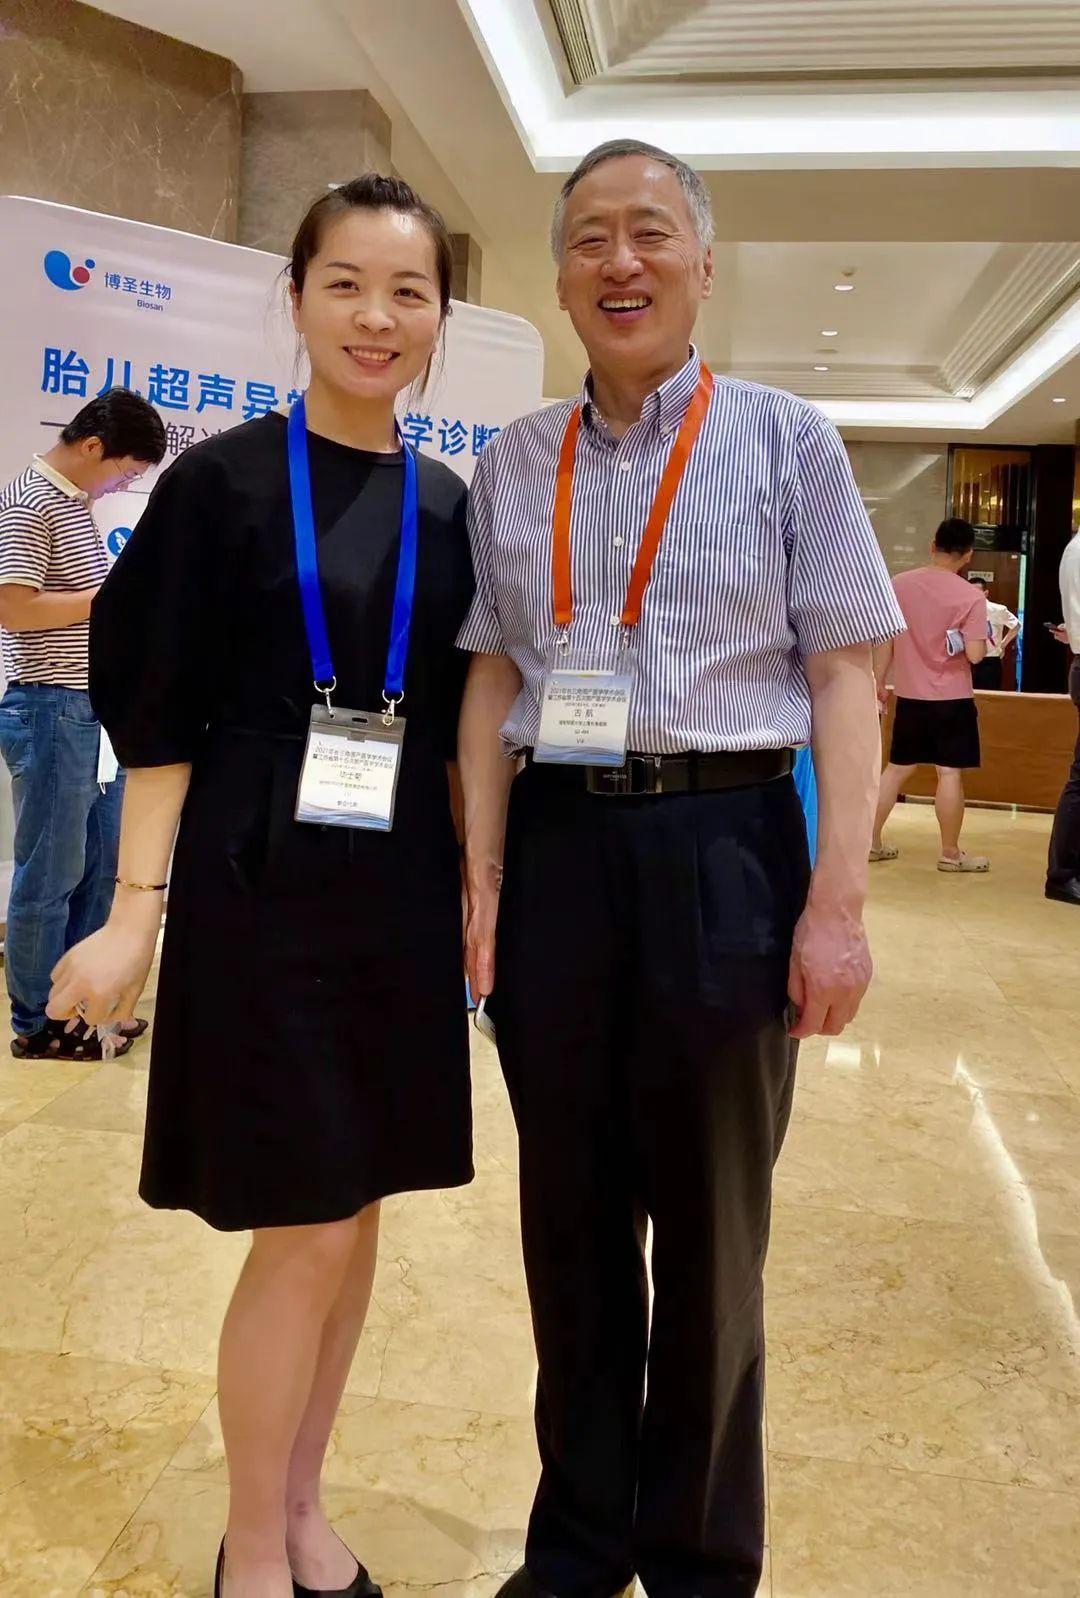 聚焦围产医学 | 2021 年长三角围产医学学术会议暨江苏省第十五次围产医学学术会议